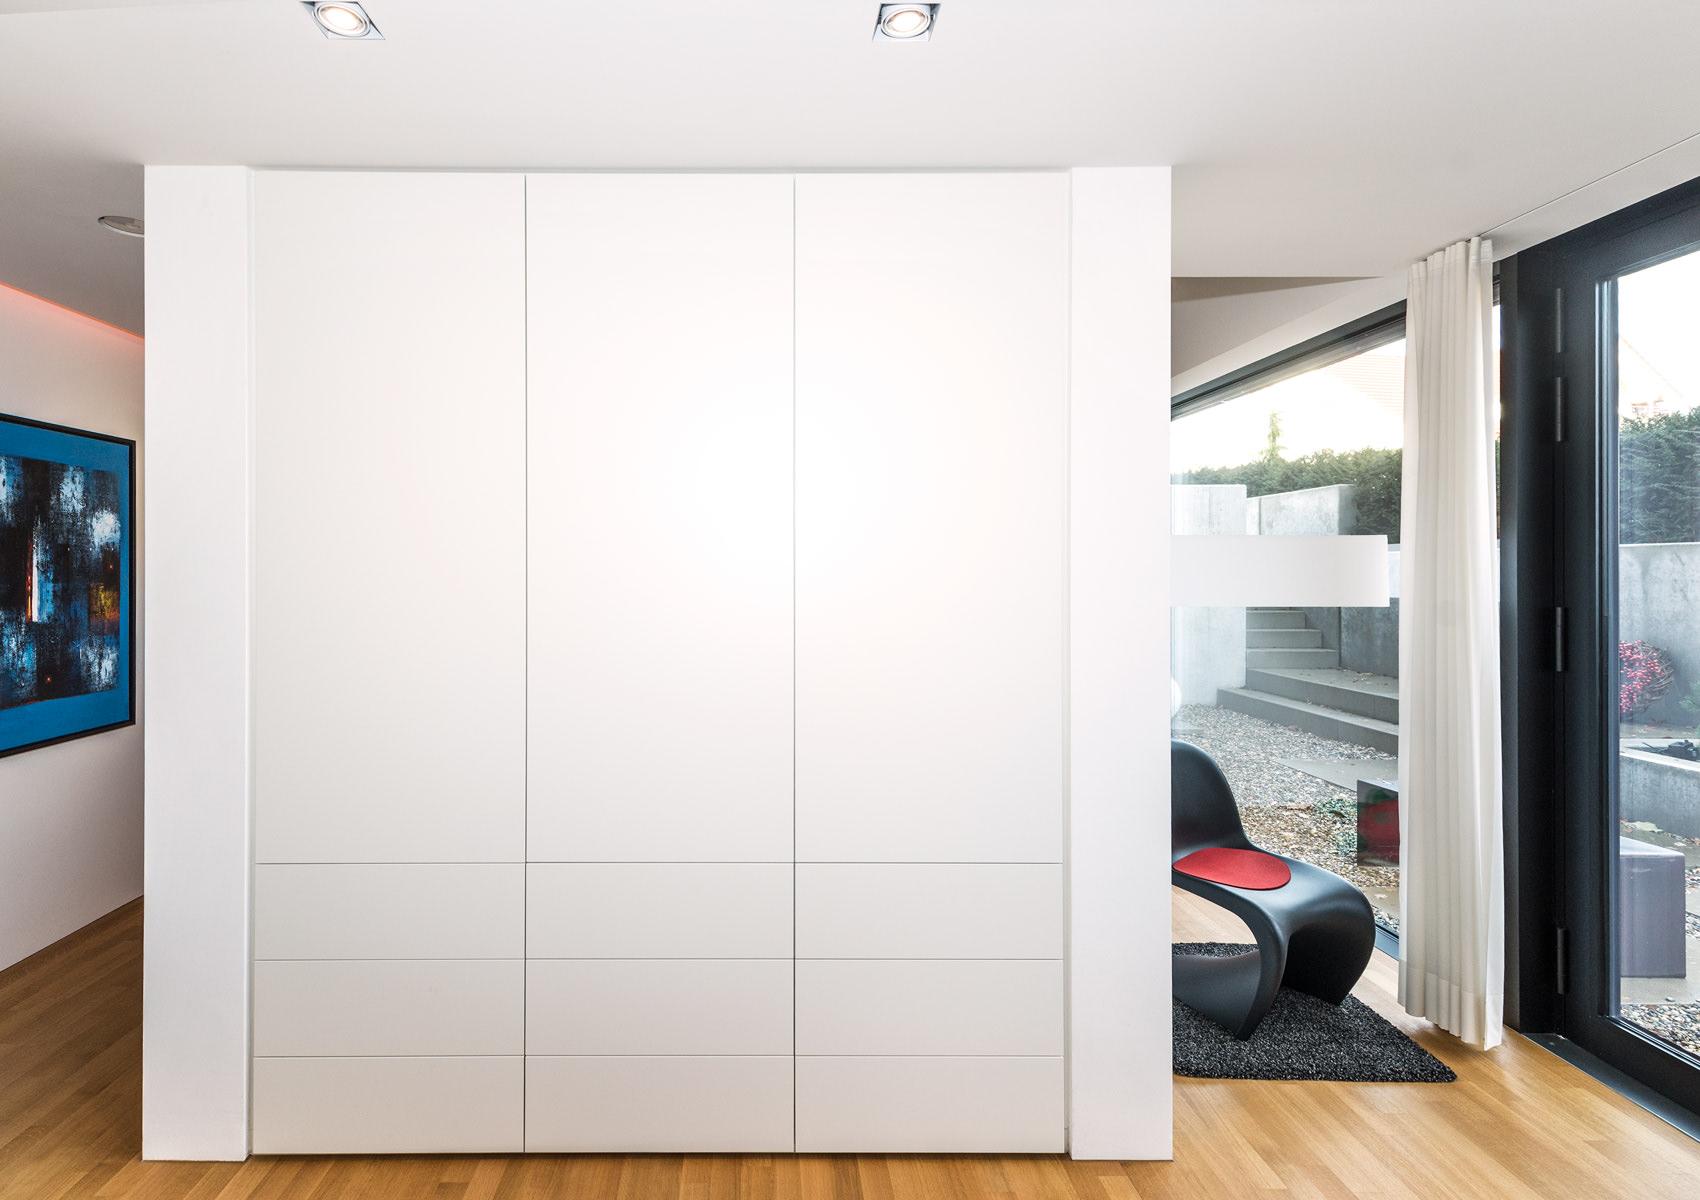 Raumteiler Schiebetur Ikea Schrank Fur Dachschrage Ikea Genial